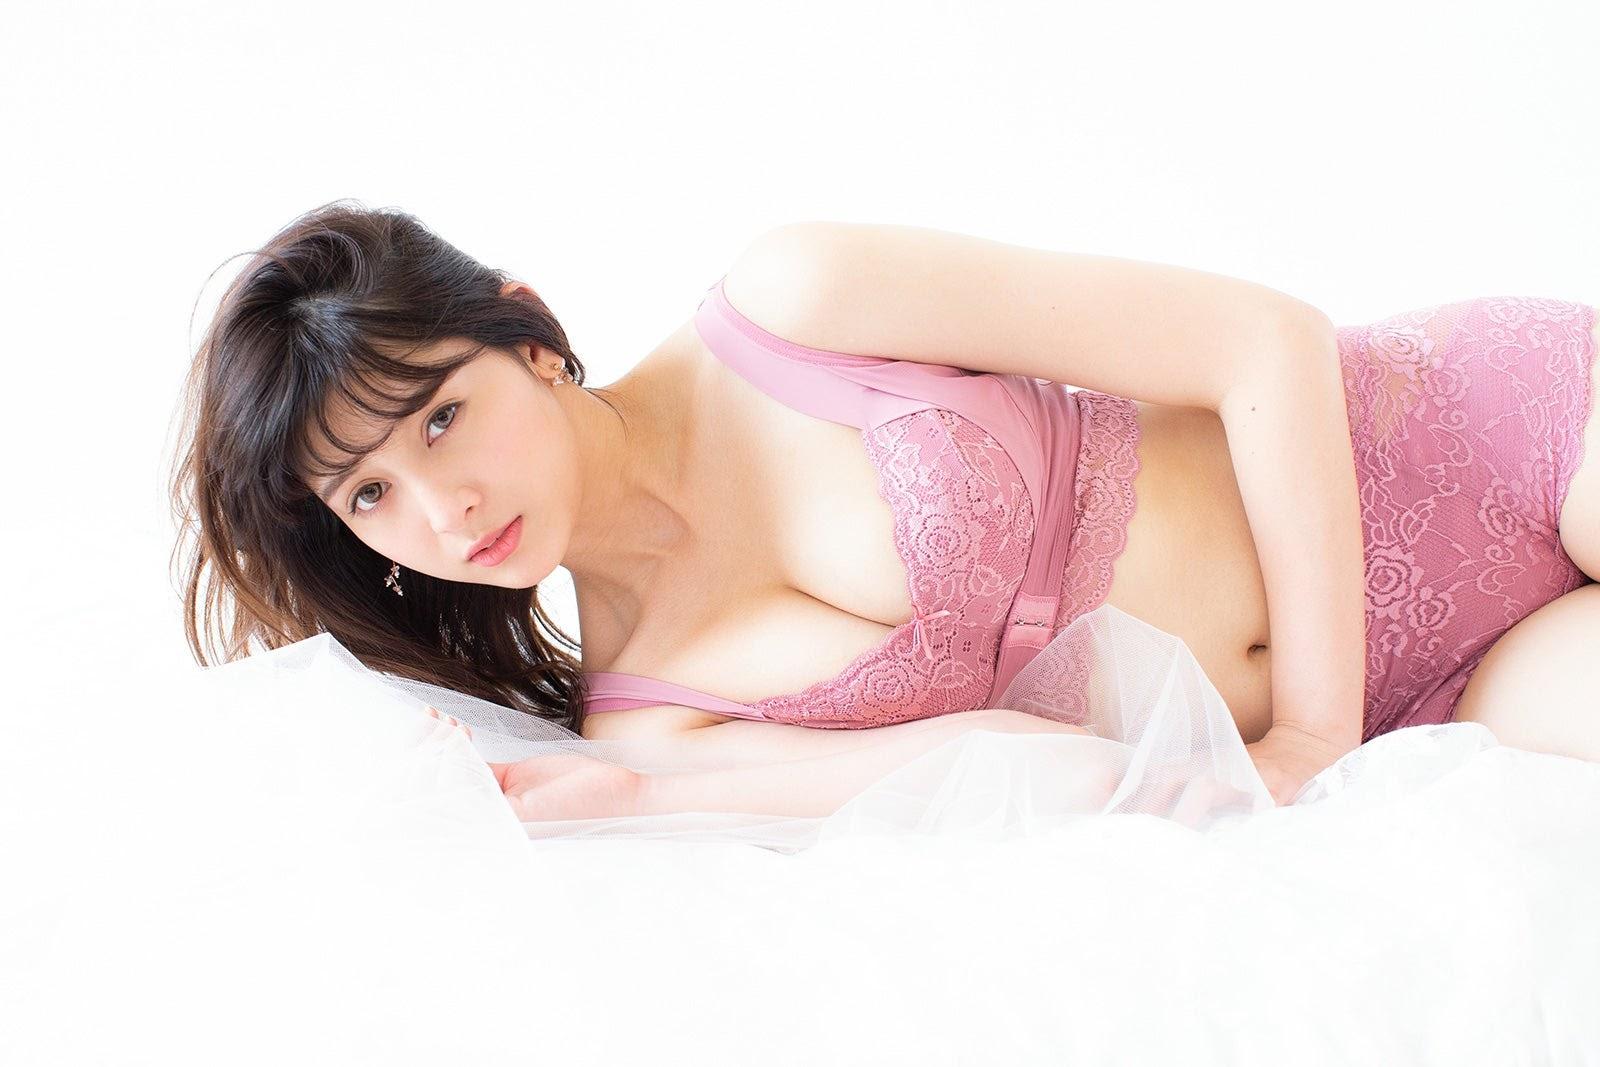 Fluffy Room Blubless Underwear Model Angela Mei011